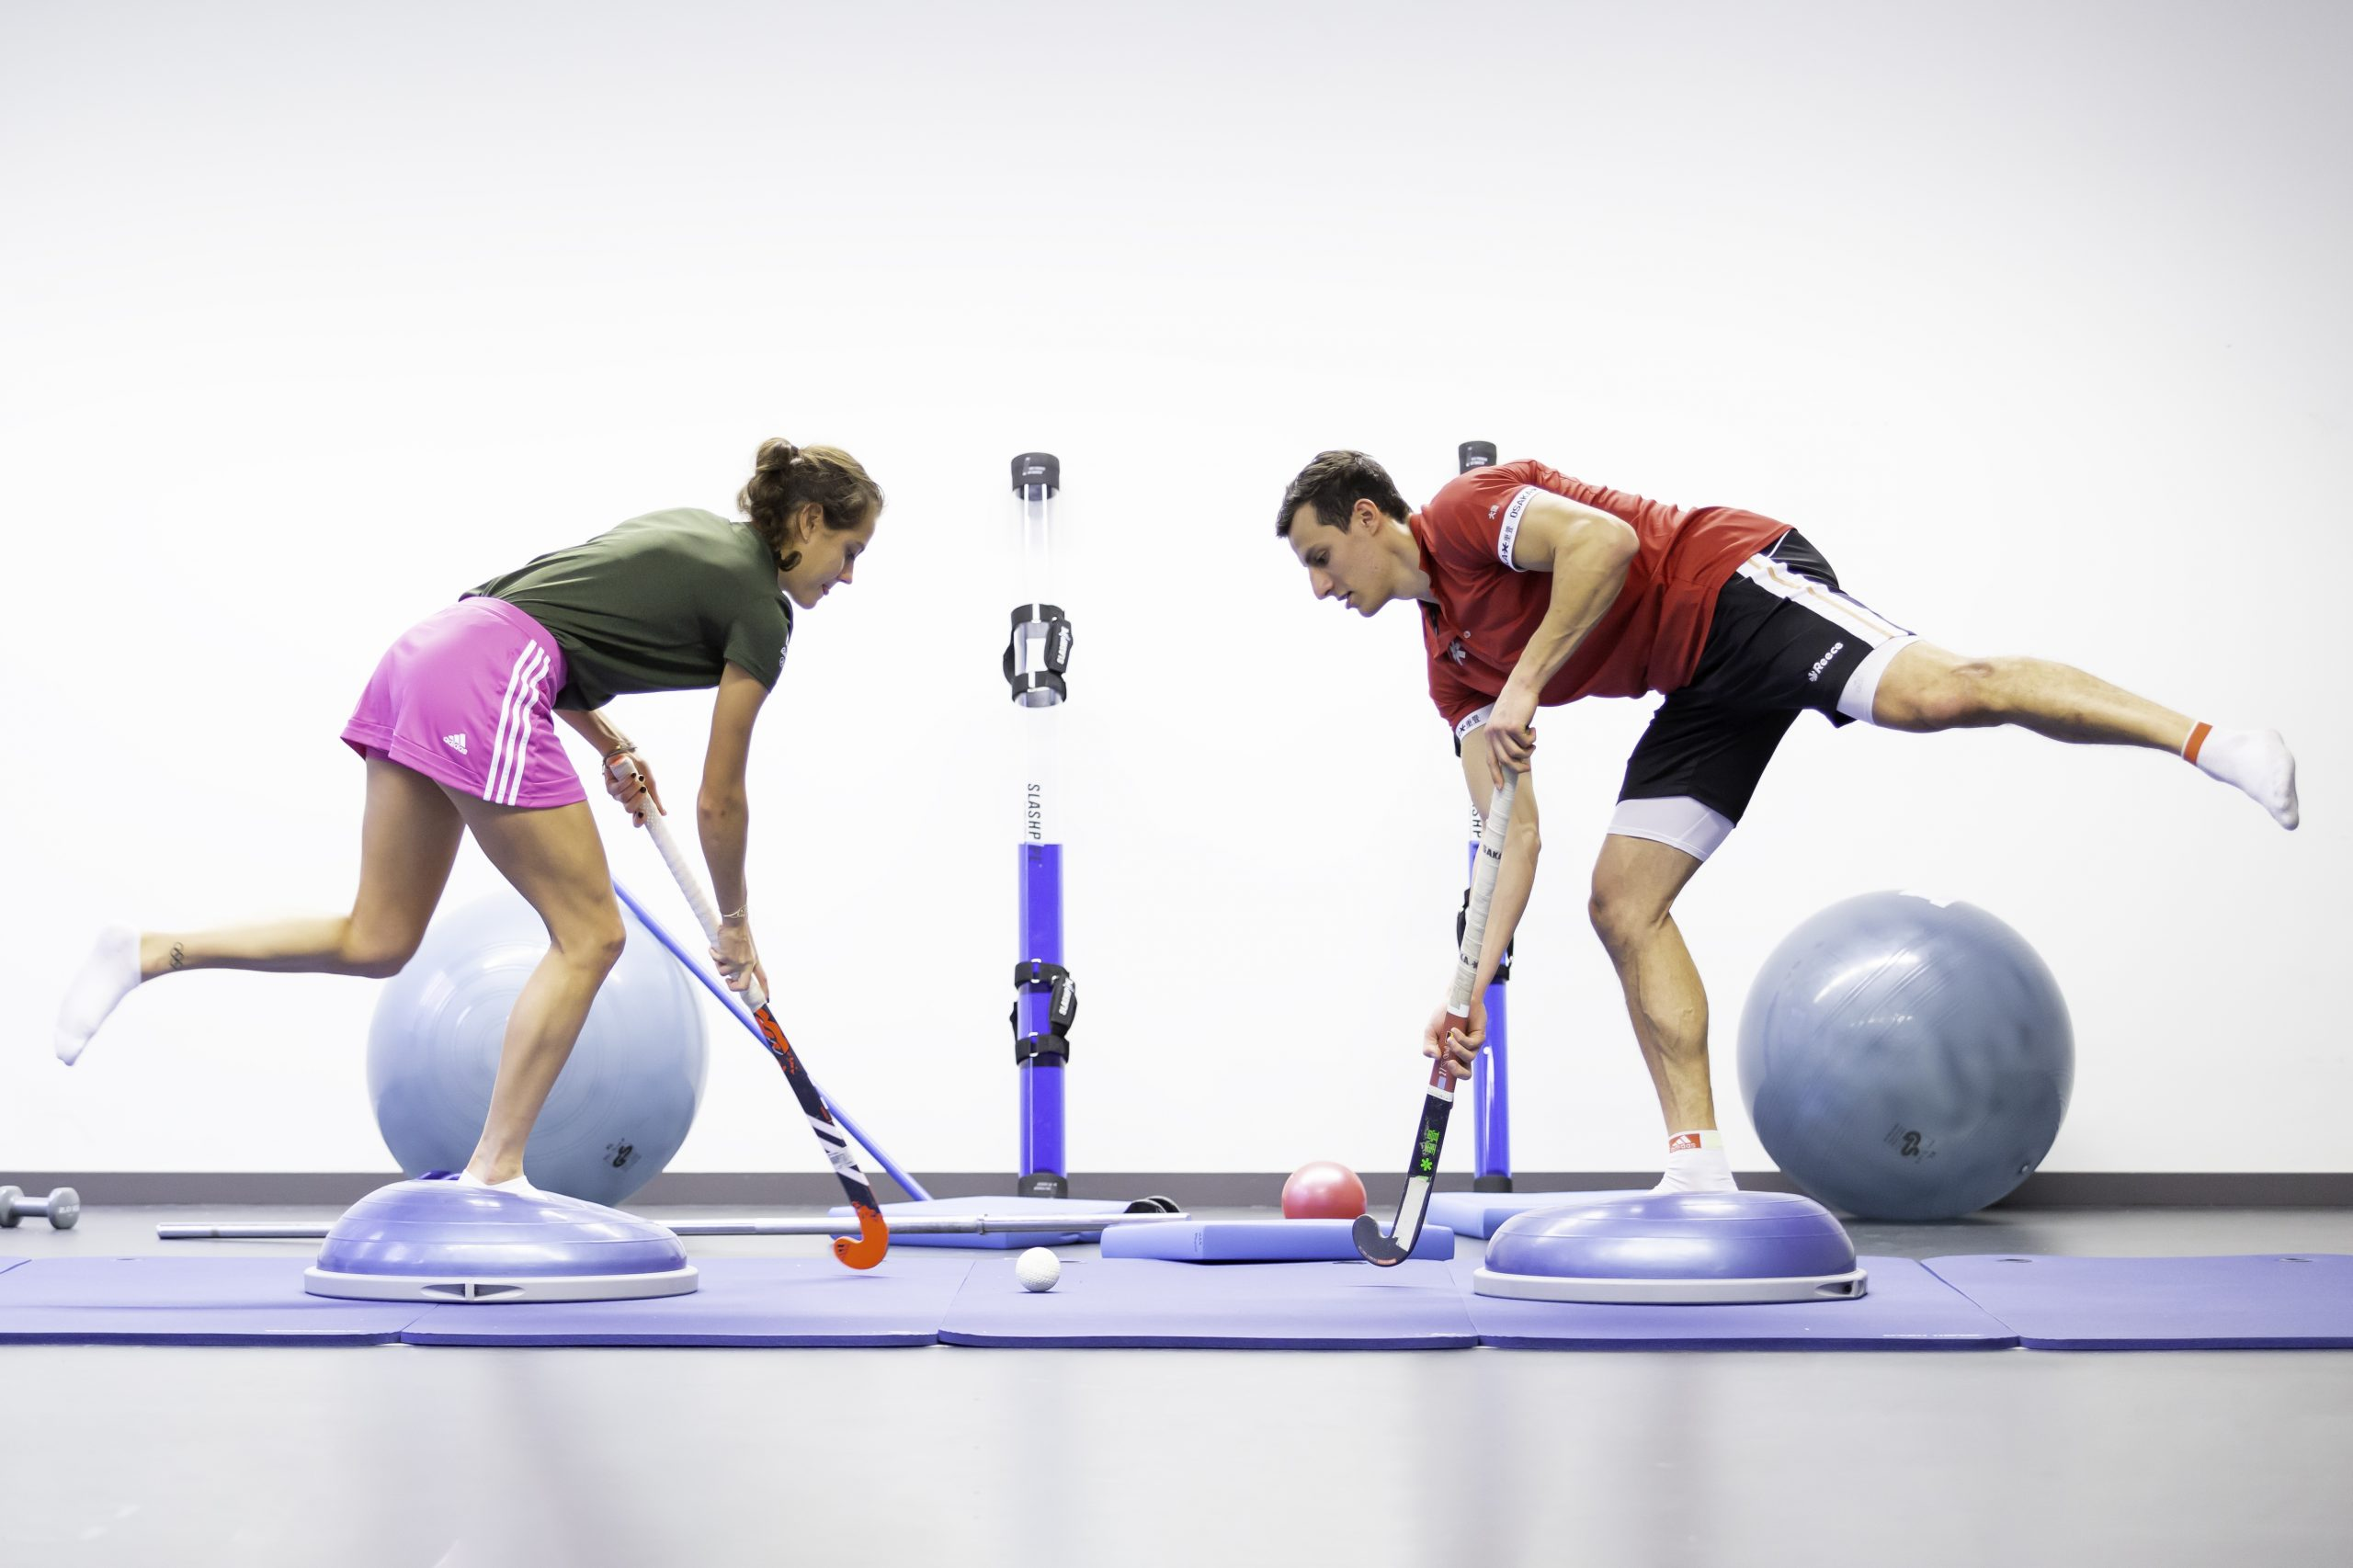 Ran Rücken Sport – Perturbationstraining zur Prävention im Breiten- und Spitzensport